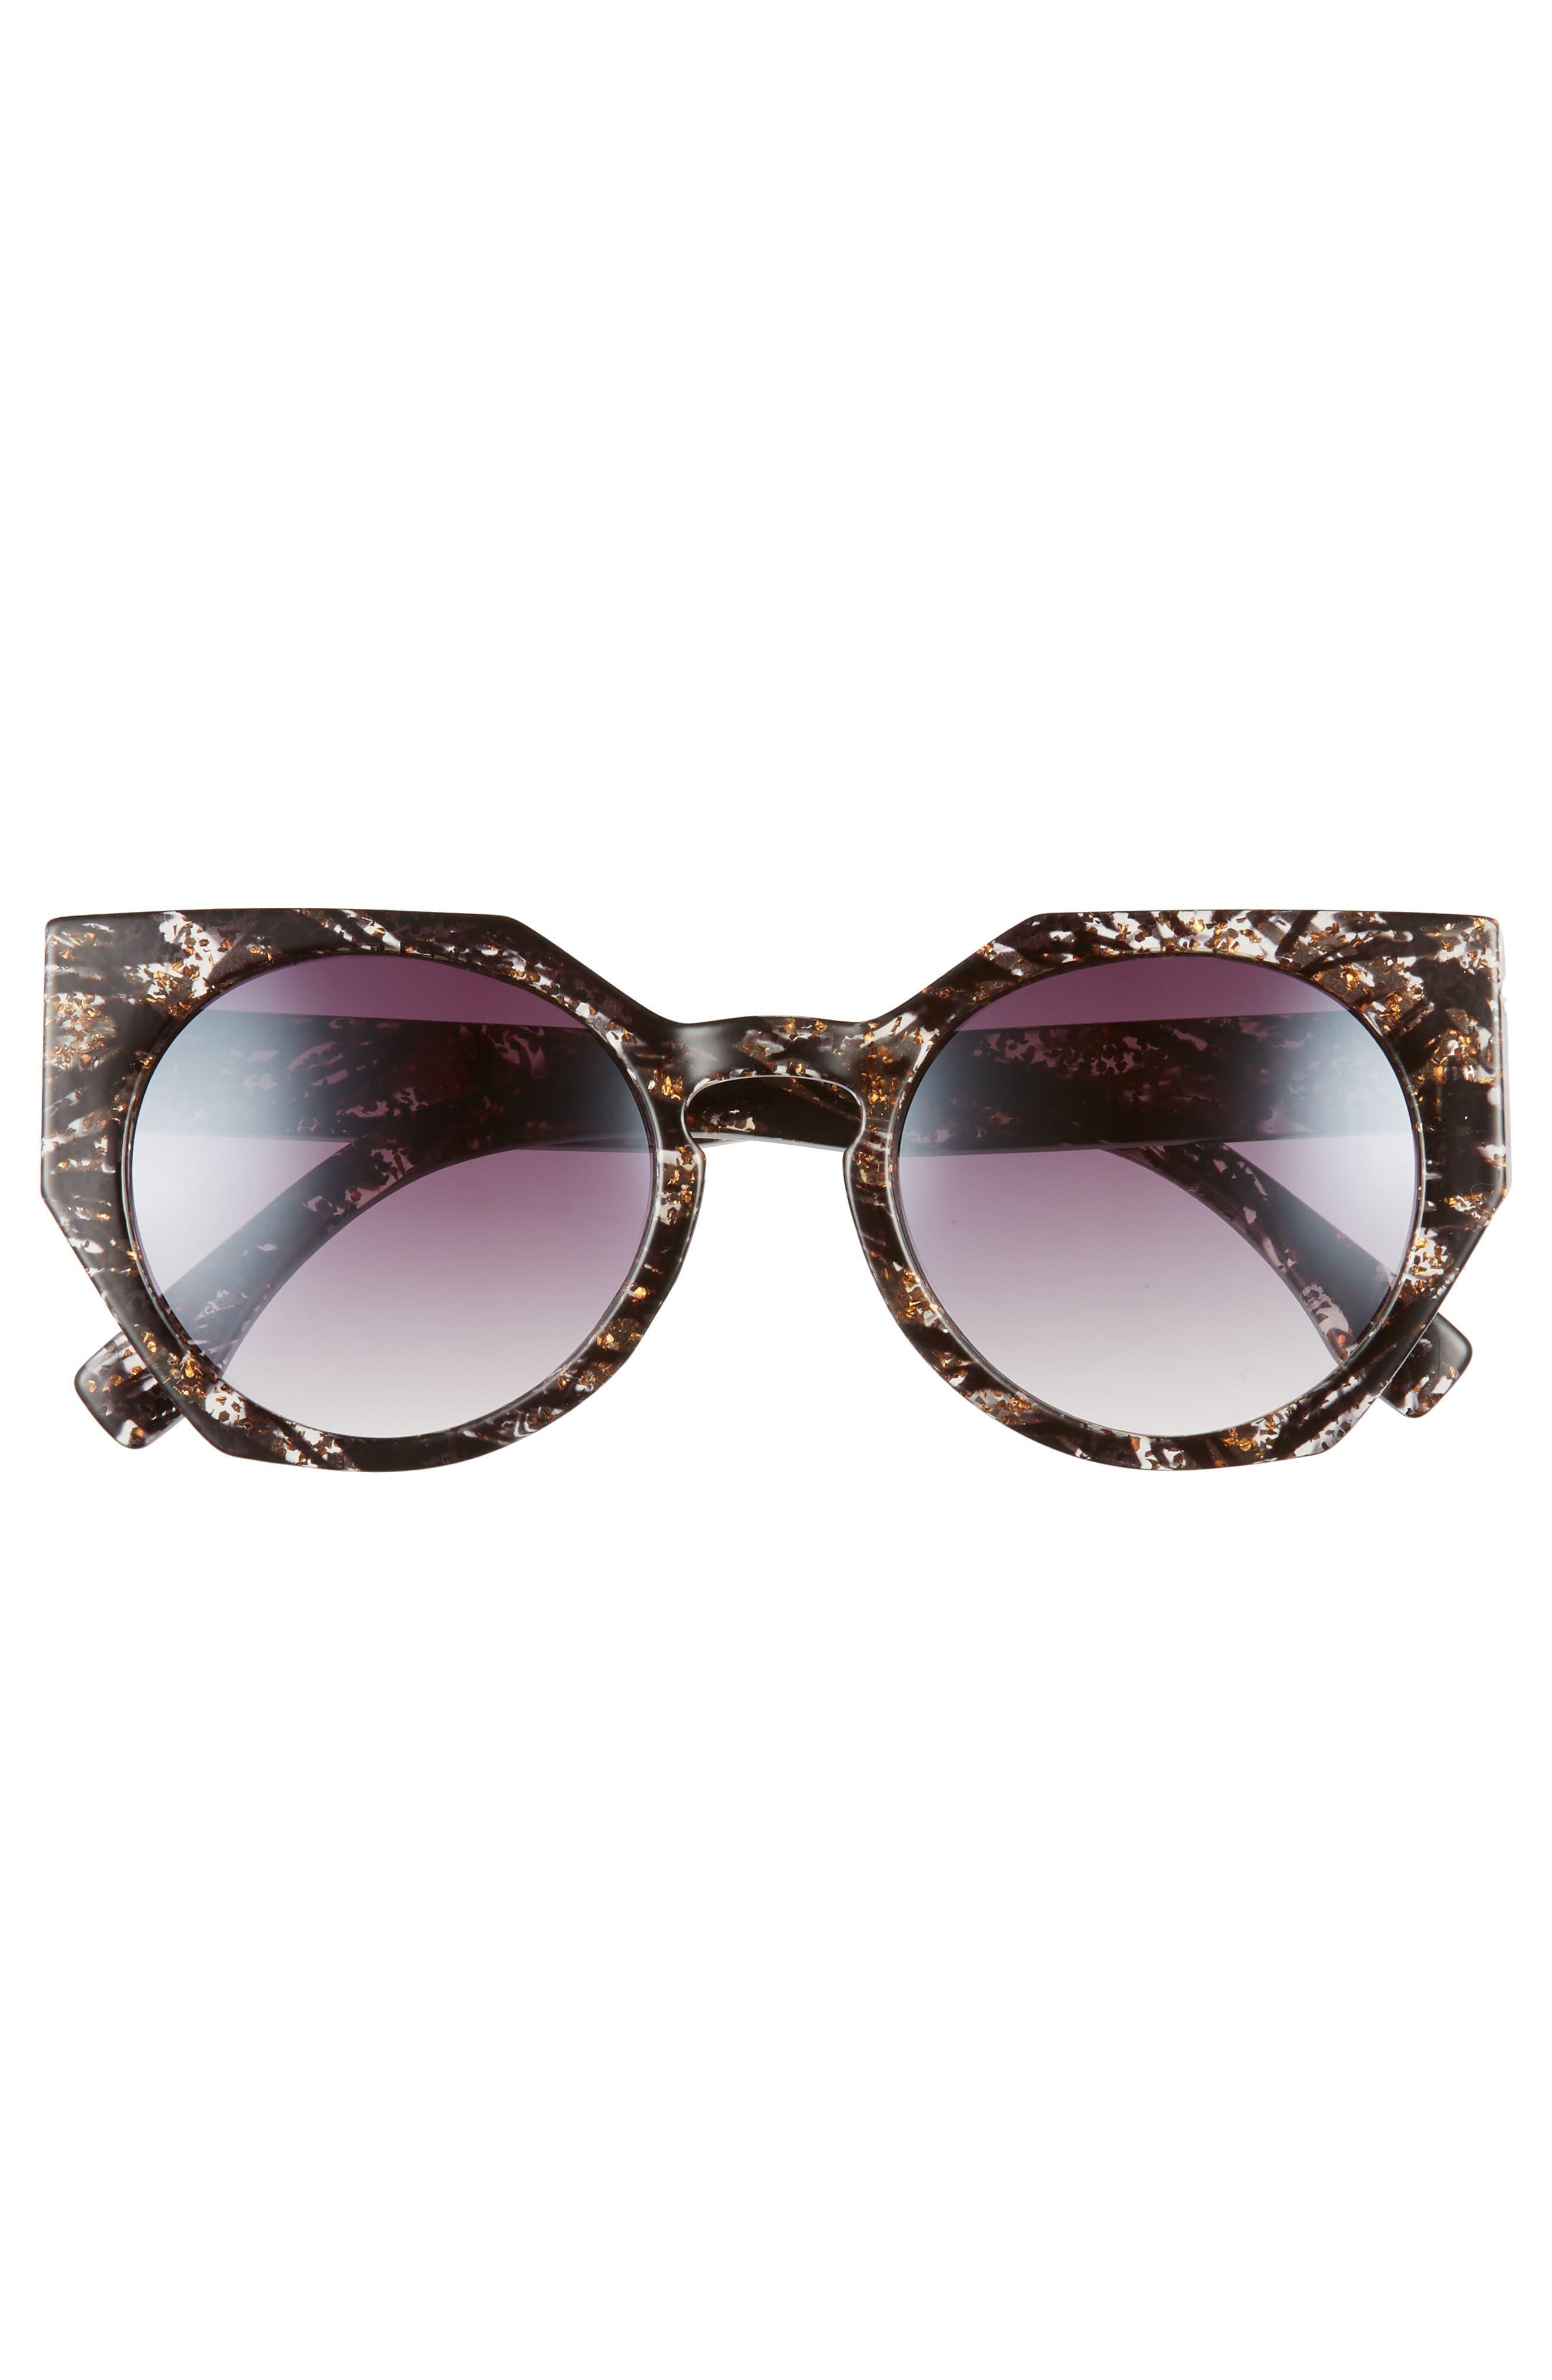 50mm Geometric Sunglasses,                             Alternate thumbnail 3, color,                             Black/ Gold